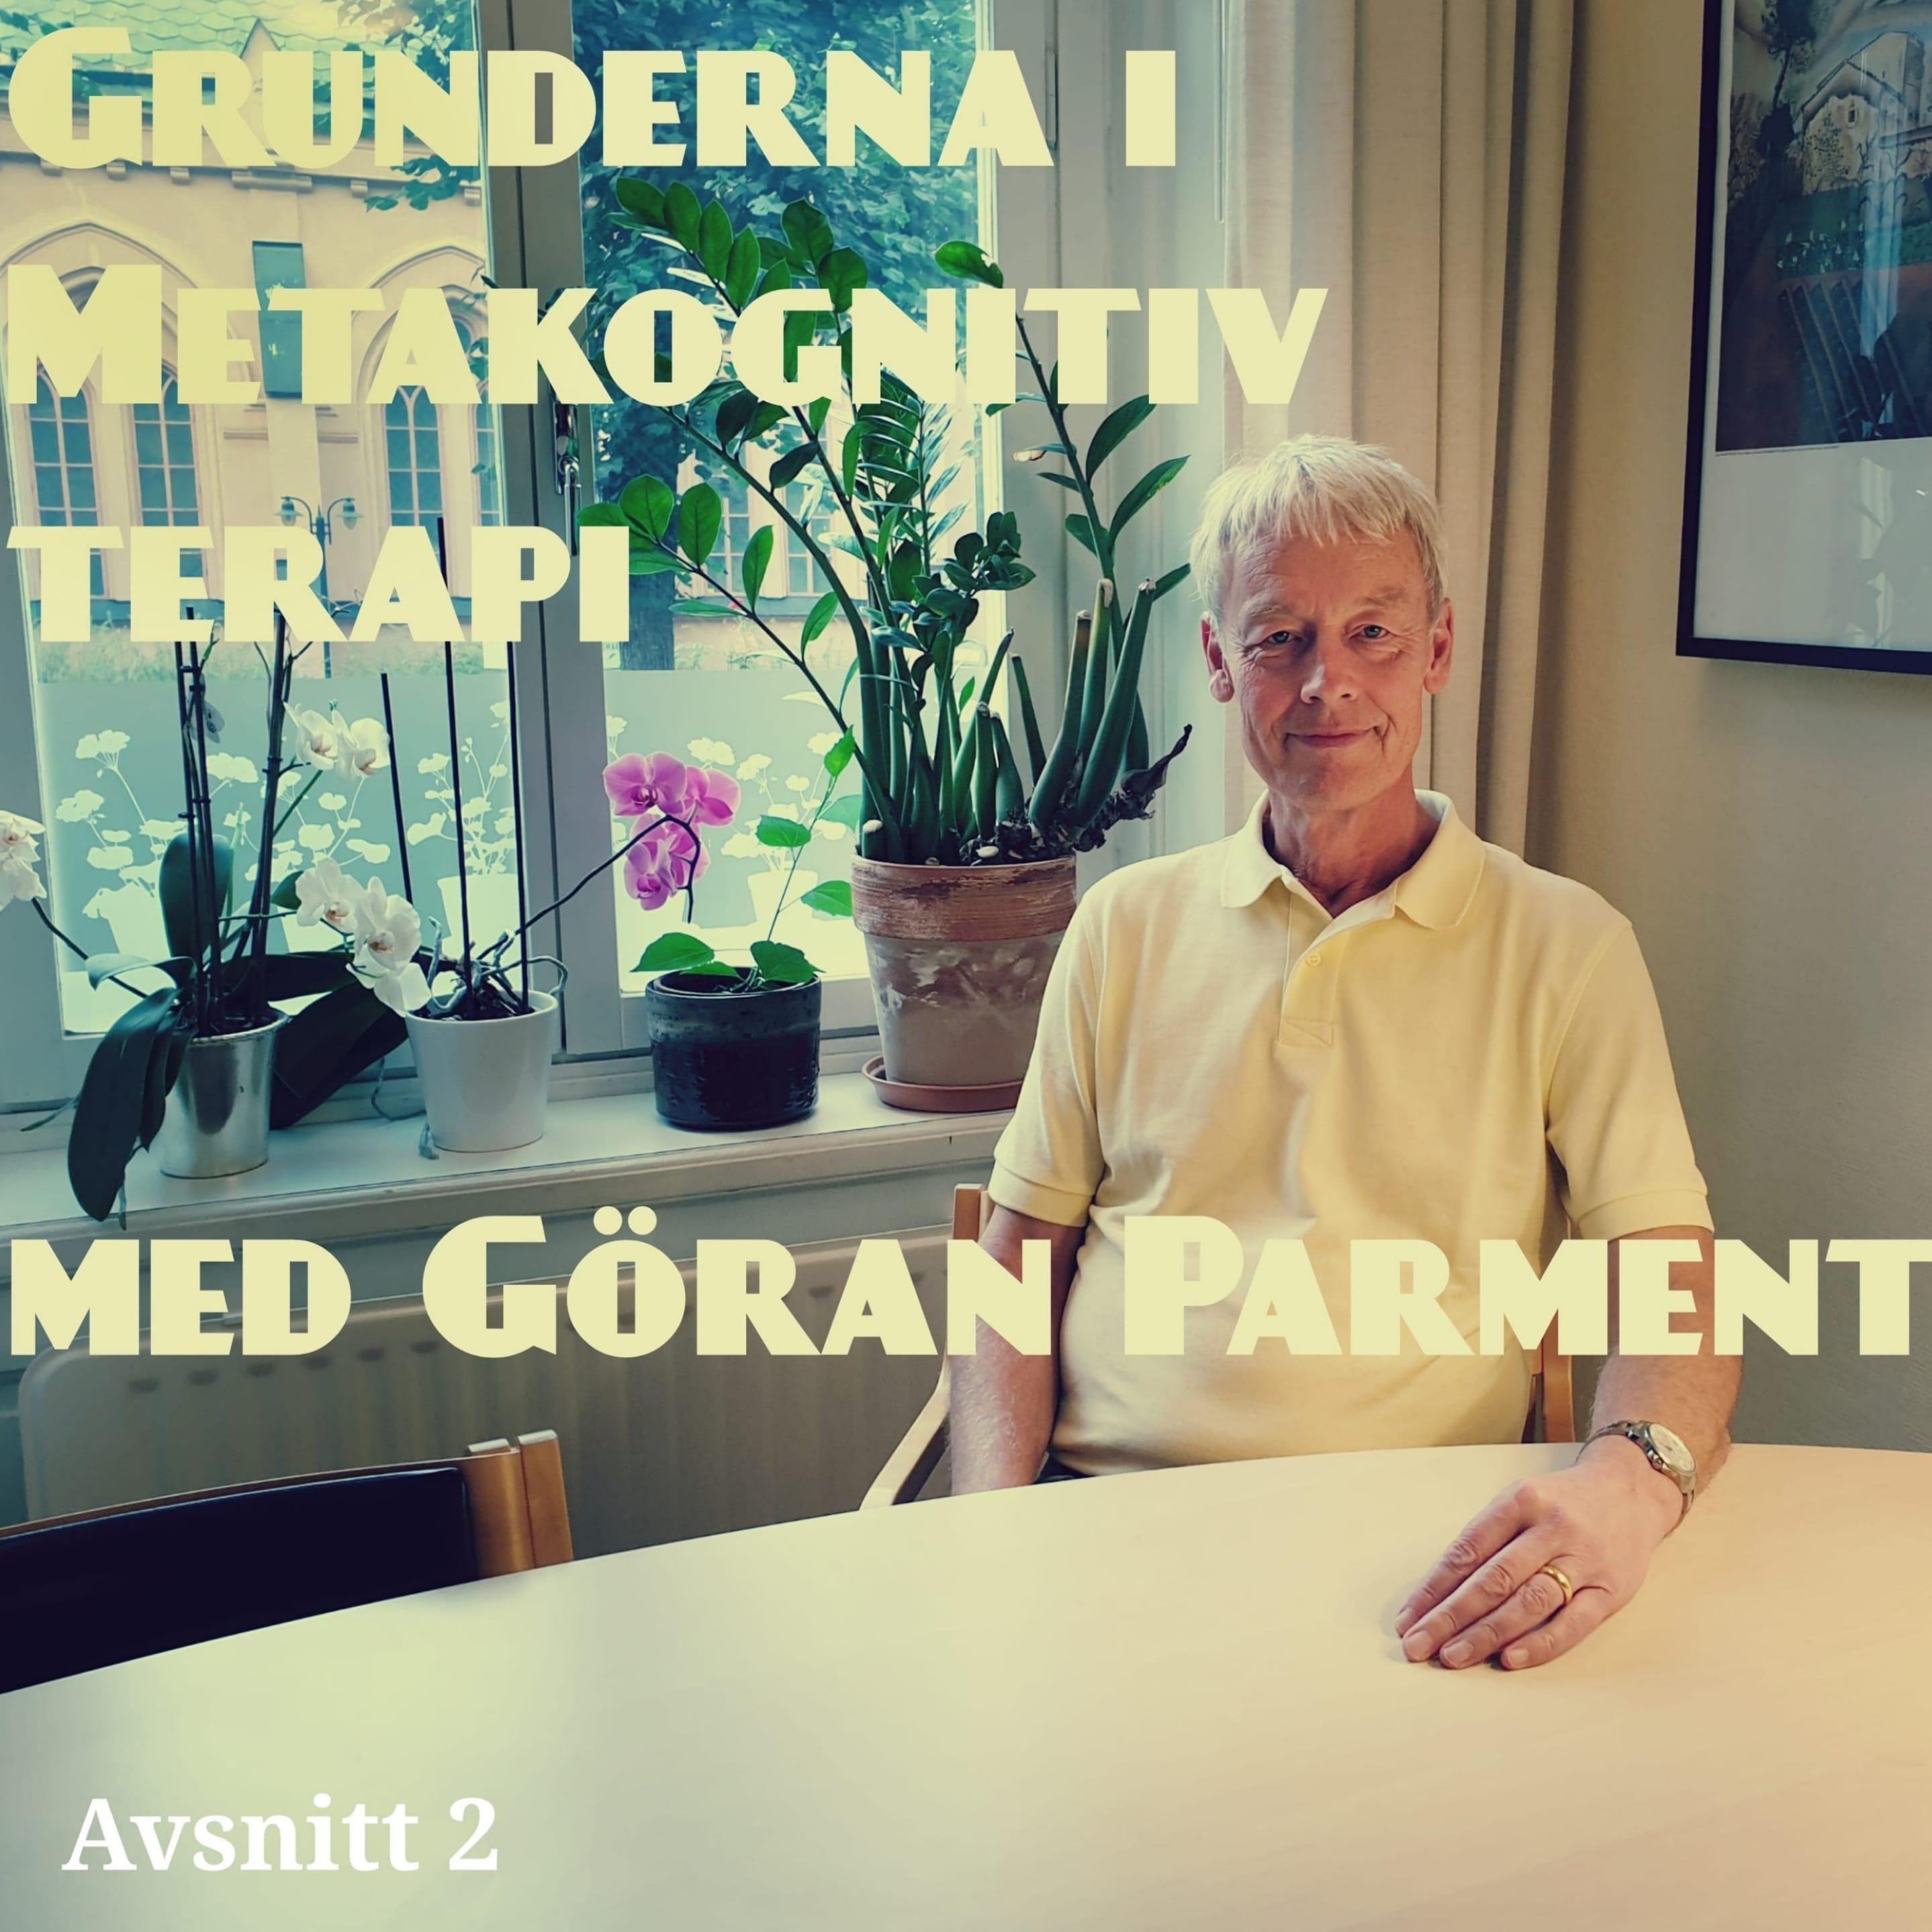 2. Grunderna i Metakognitiv terapi med Göran Parment